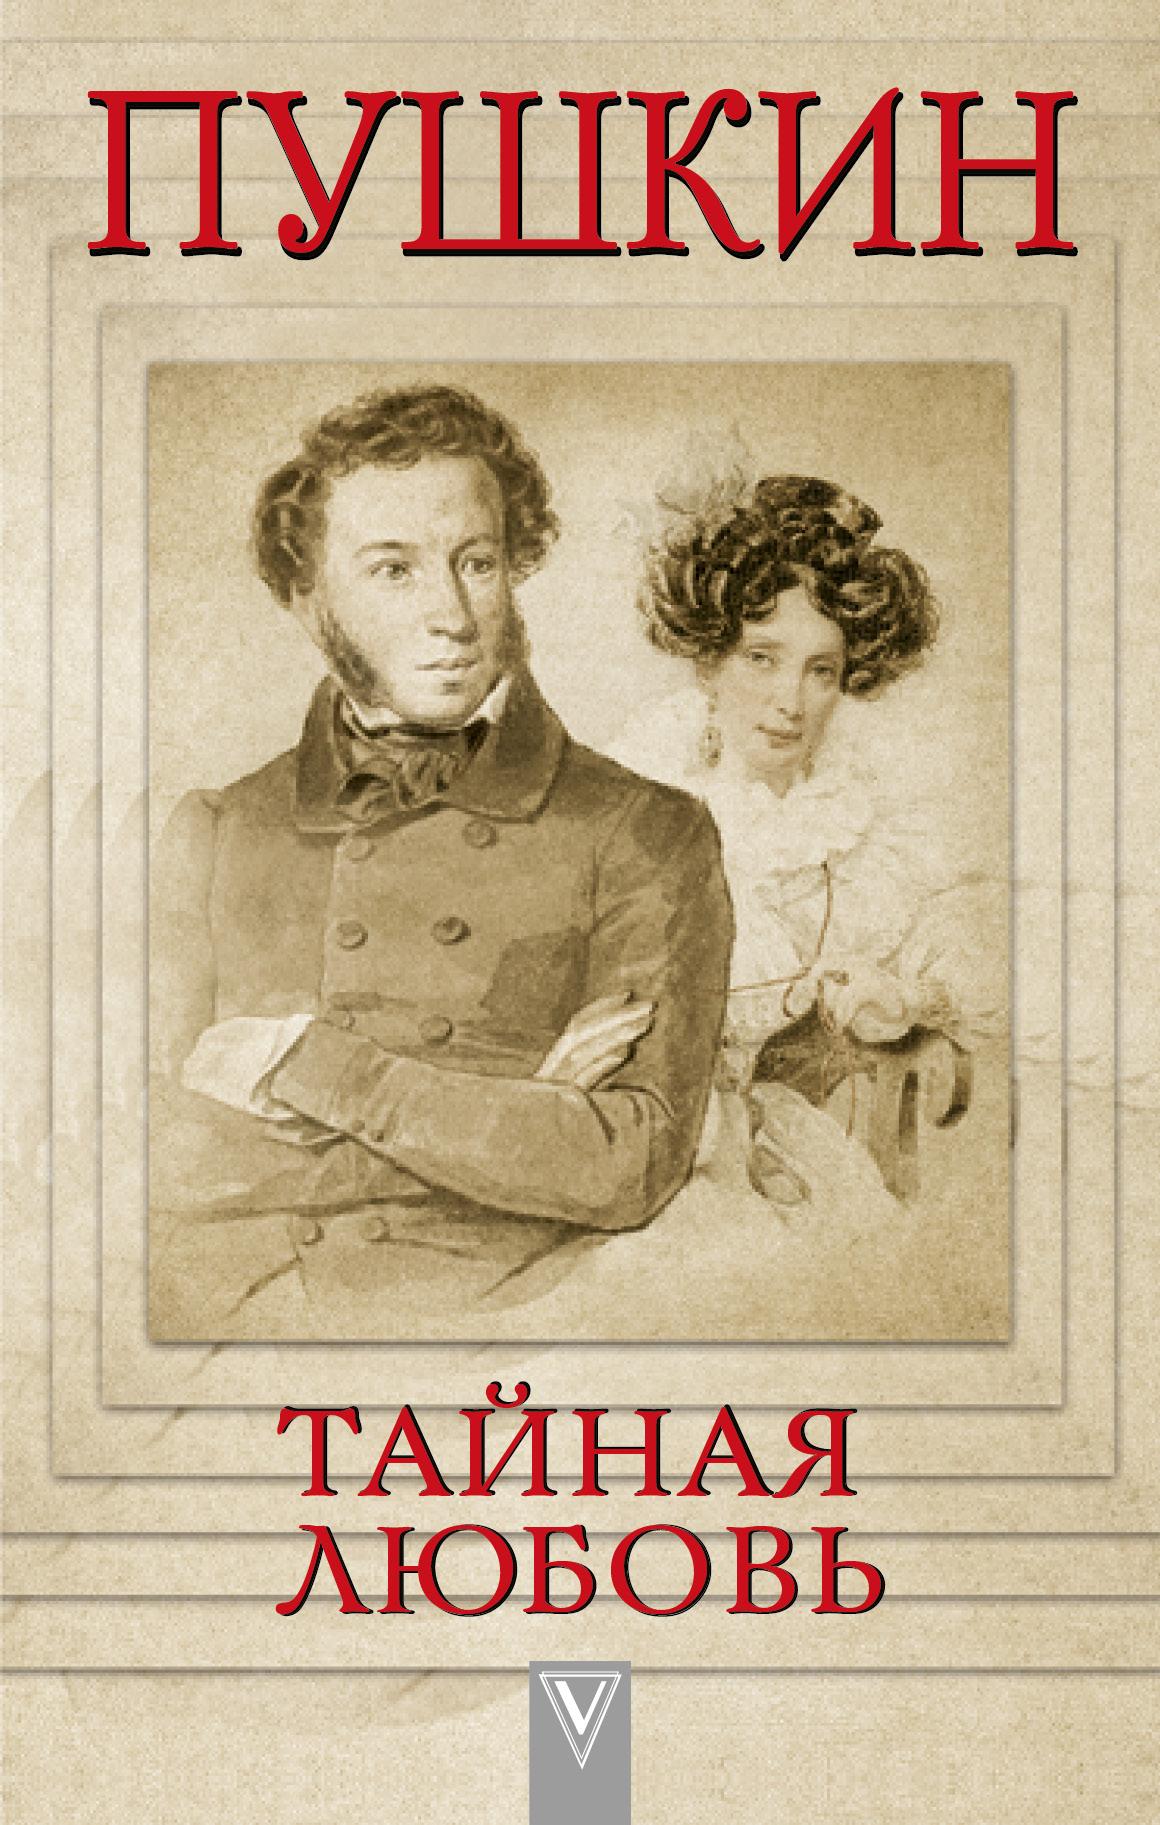 Пушкин - Тайная любовь